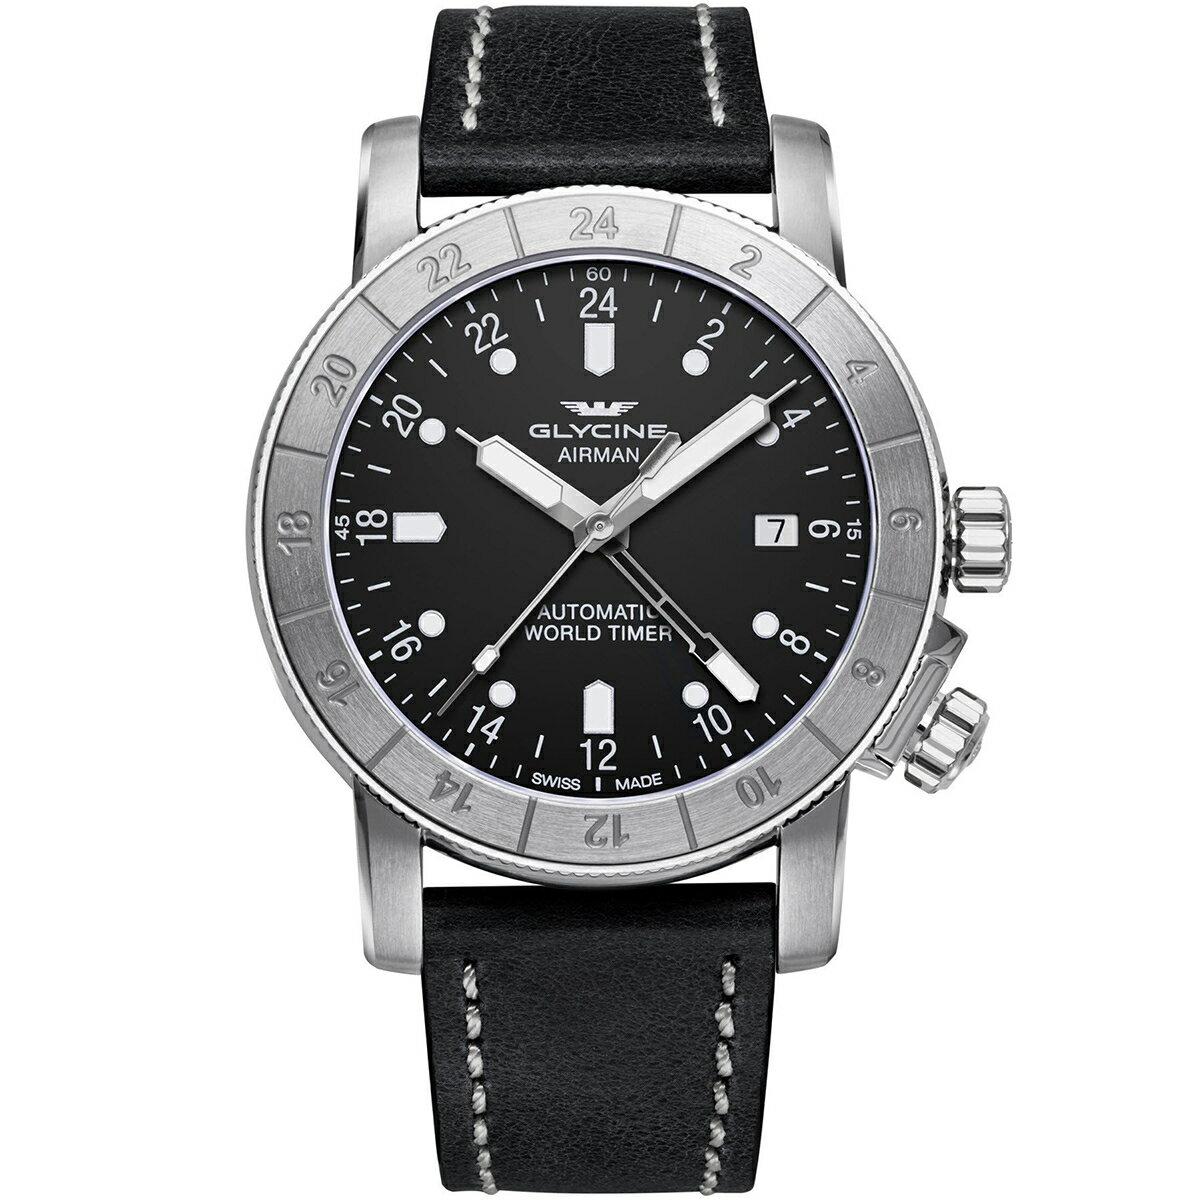 グライシン グリシン GLYCINE エアマン AIRMAN 42 GL0066 メンズ 時計 腕時計 自動巻き オートマチック スイス製 スイスメイド ワールドタイム表示